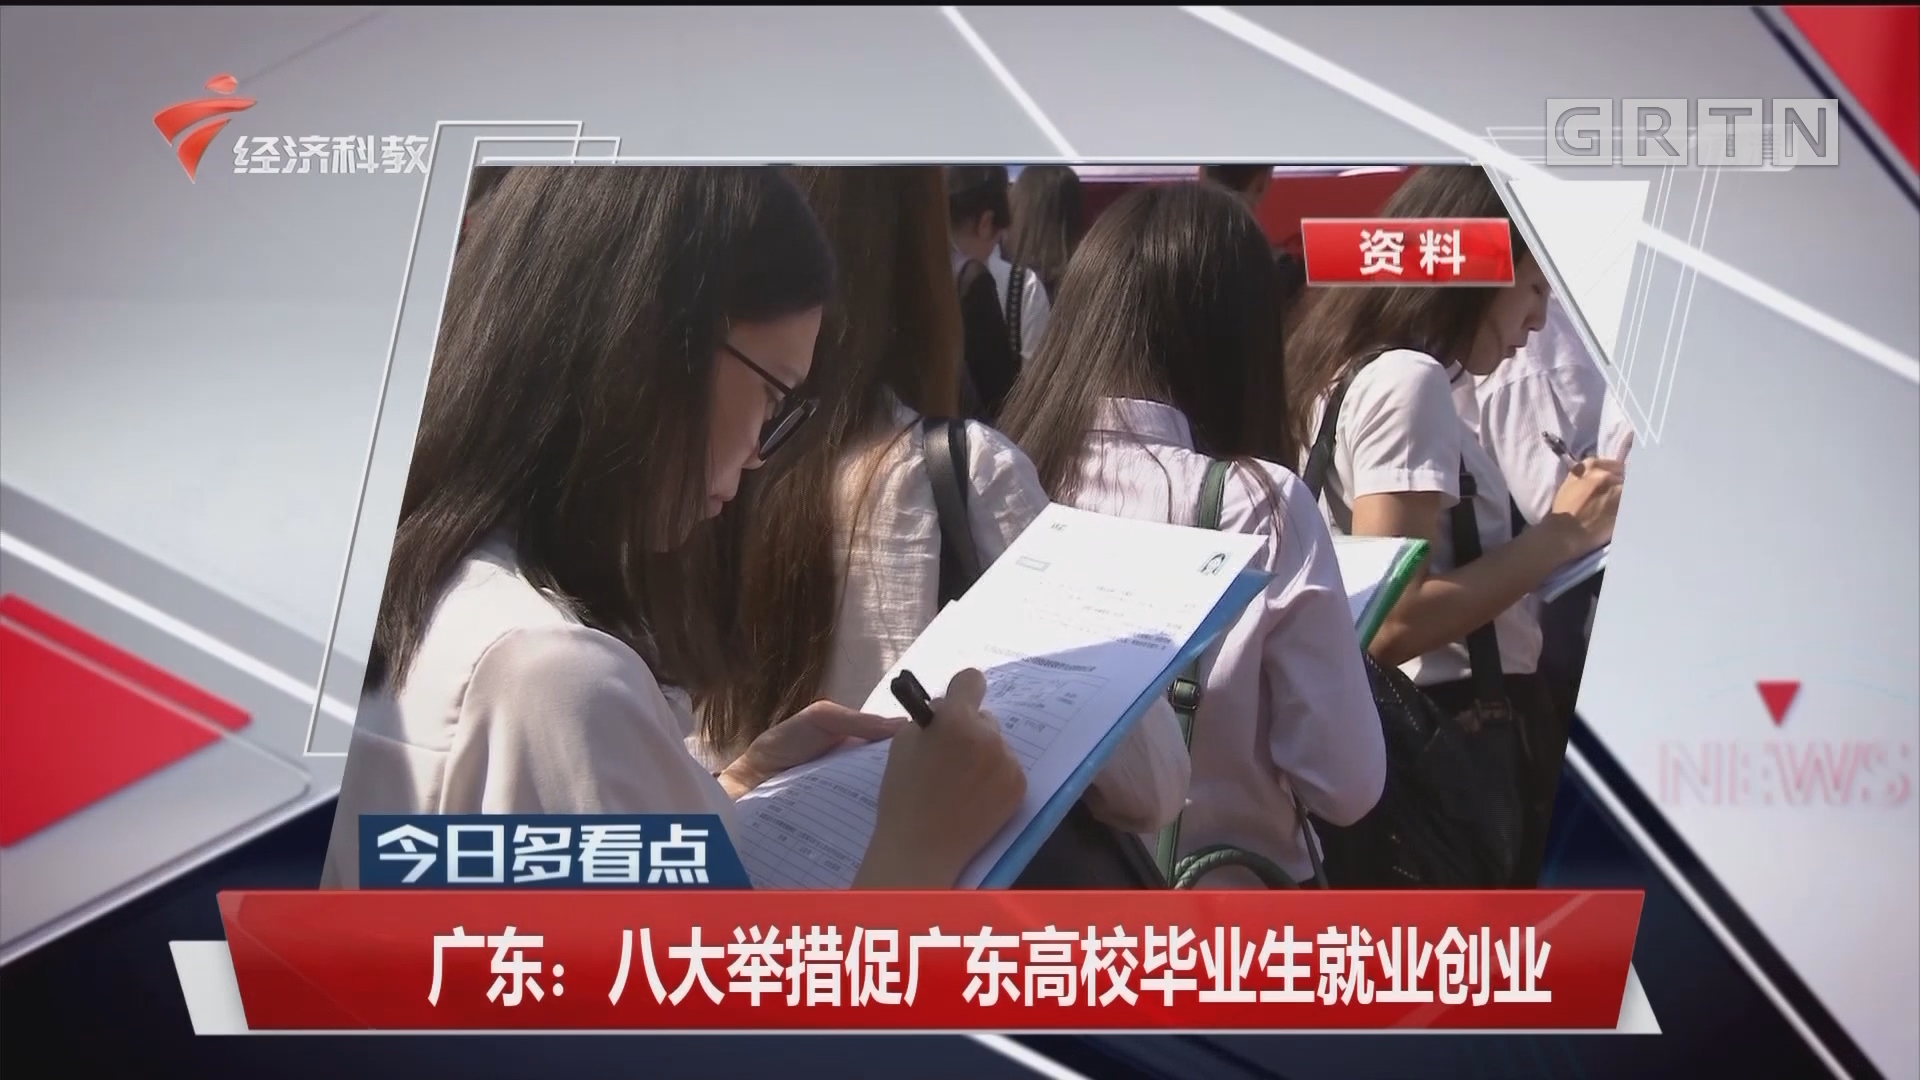 廣東:八大舉措促廣東高校畢業生就業創業